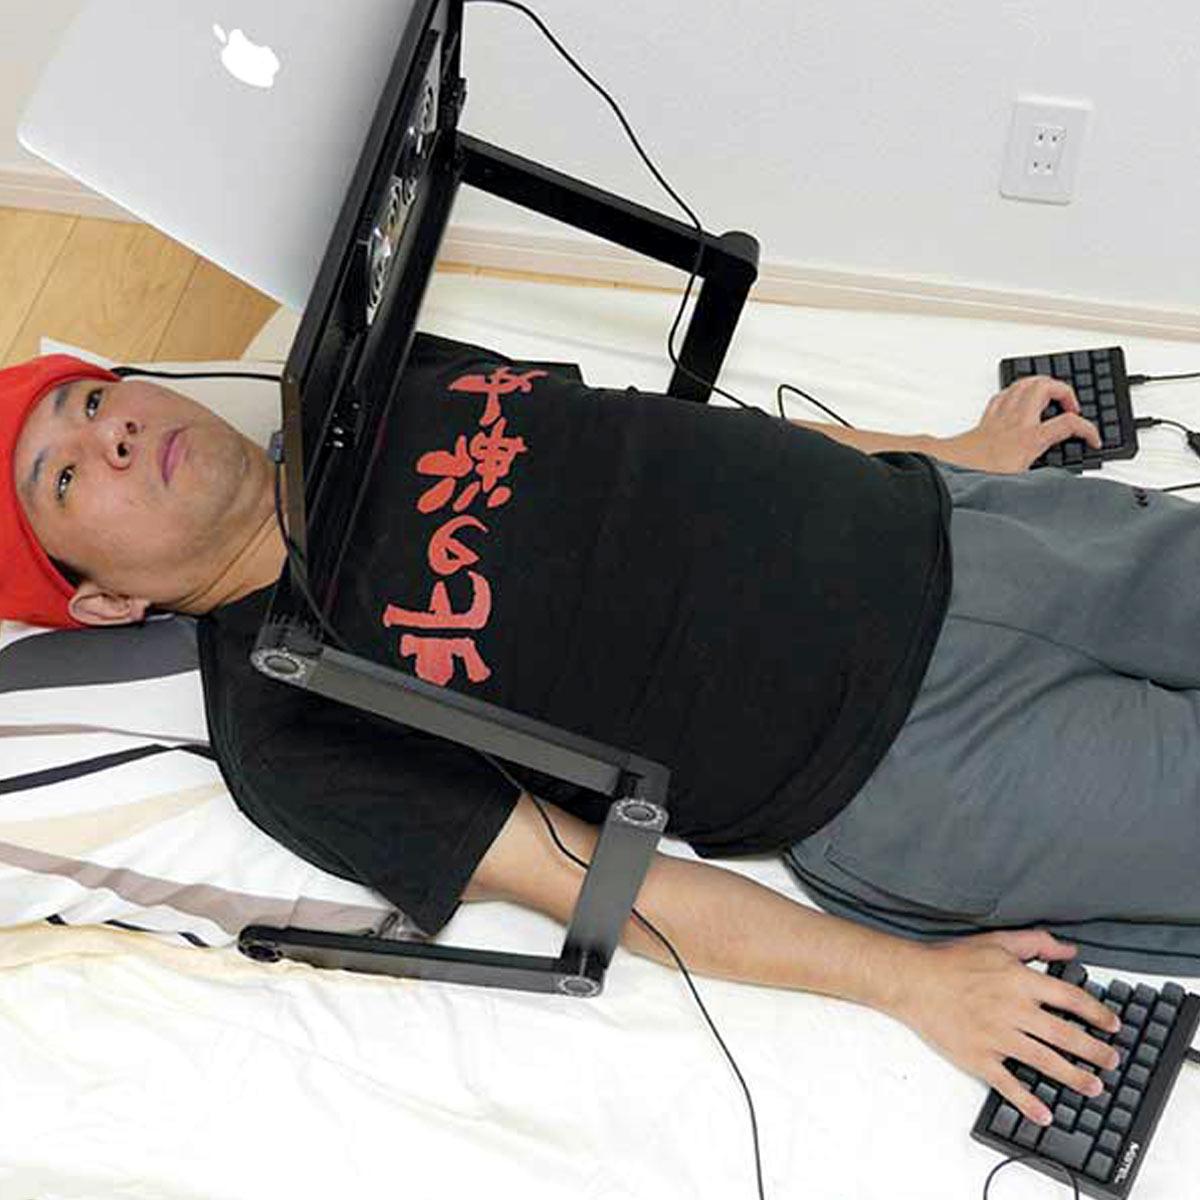 寝たままパソコン作業がしたい…その夢、分離式キーボードとPC台で実現!